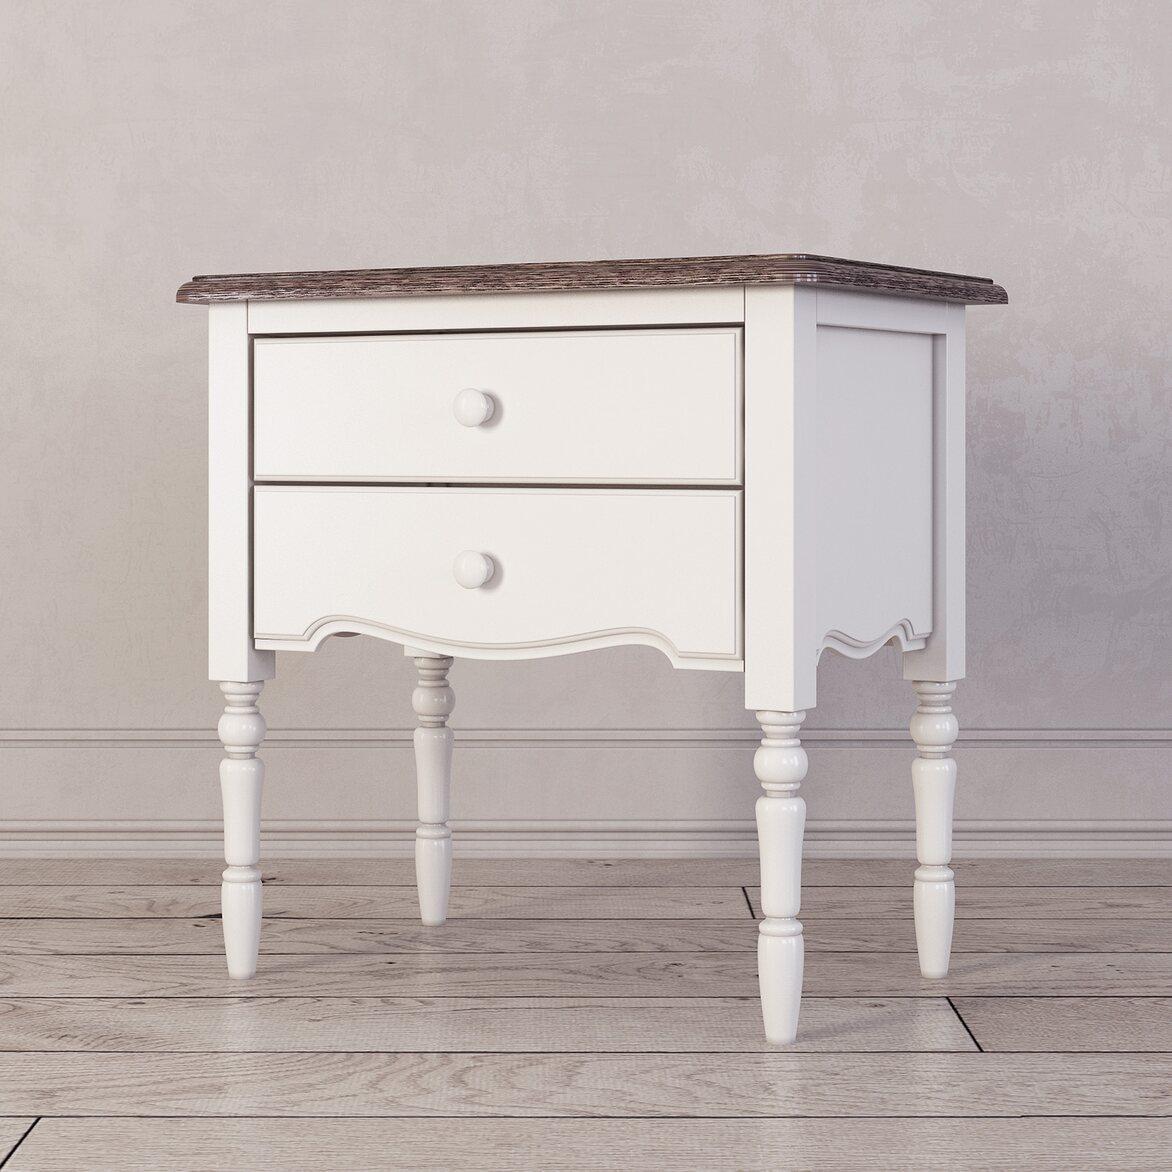 Прикроватная тумба с 2-я ящикaми Leblanc, белая 2 | Прикроватные тумбы Kingsby